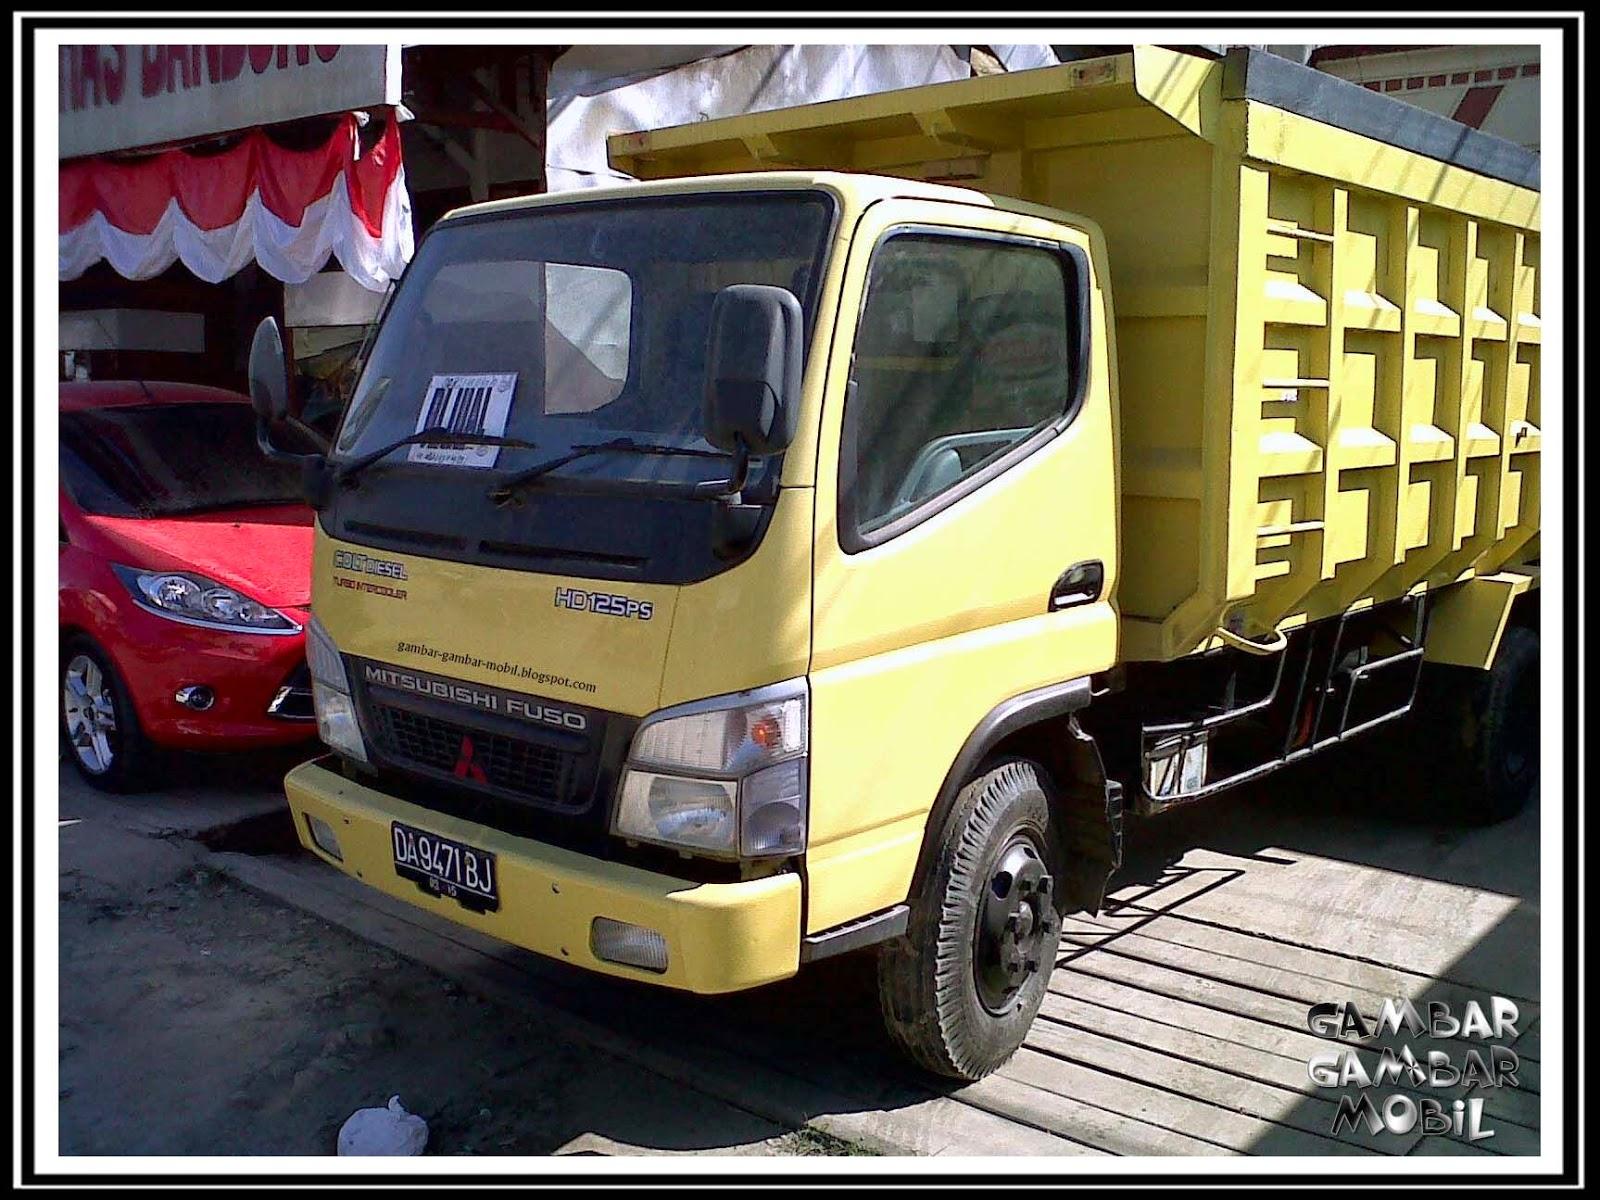 Gambar Mobil Truck CINTA MOBIL